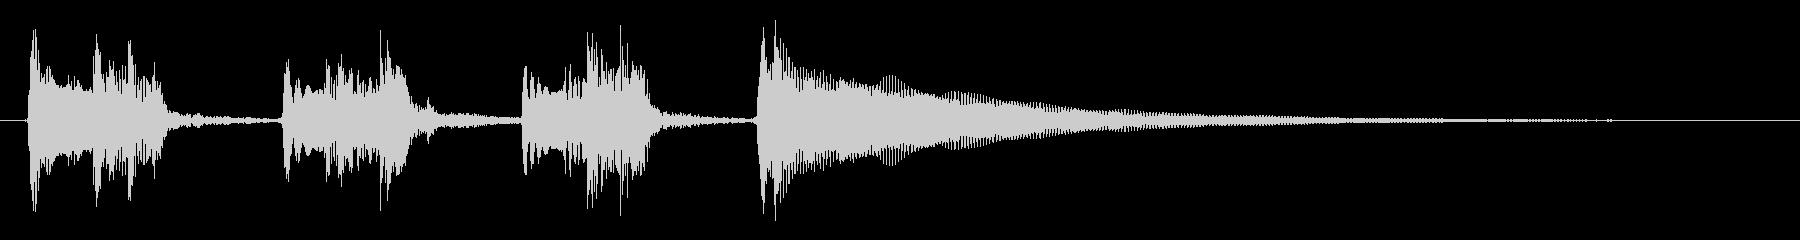 ★前向きで明るいアコギのジングル/生音の未再生の波形